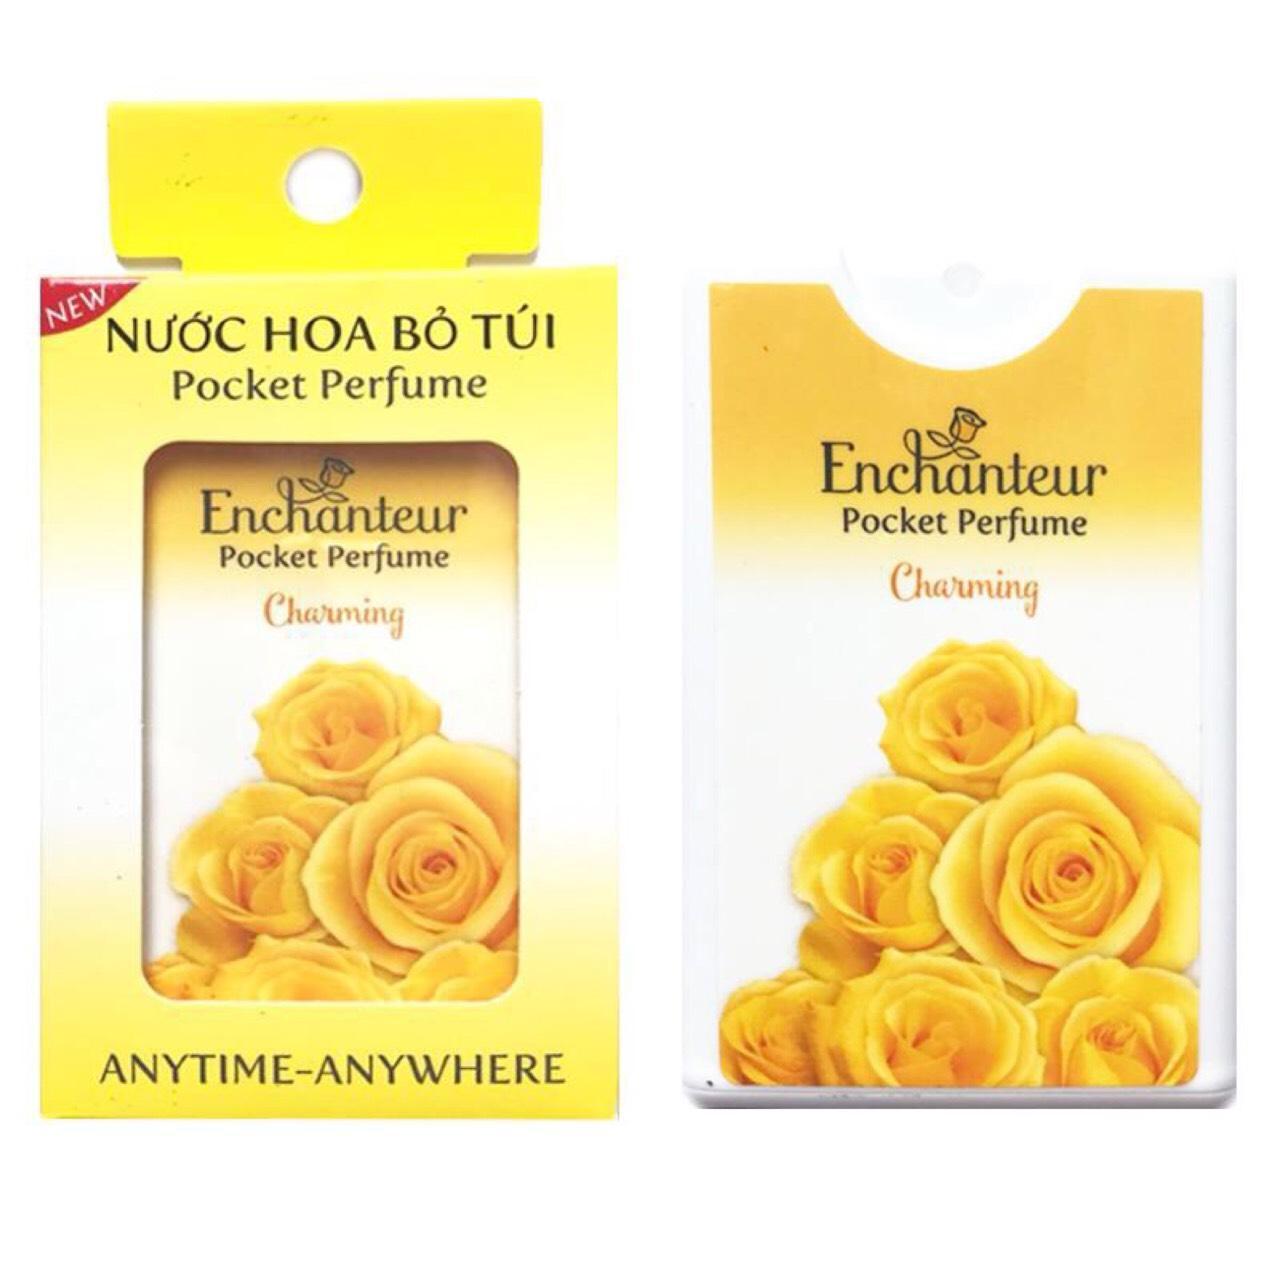 Nước hoa nữ bỏ túi Enchanteur charming 18ml nhập khẩu